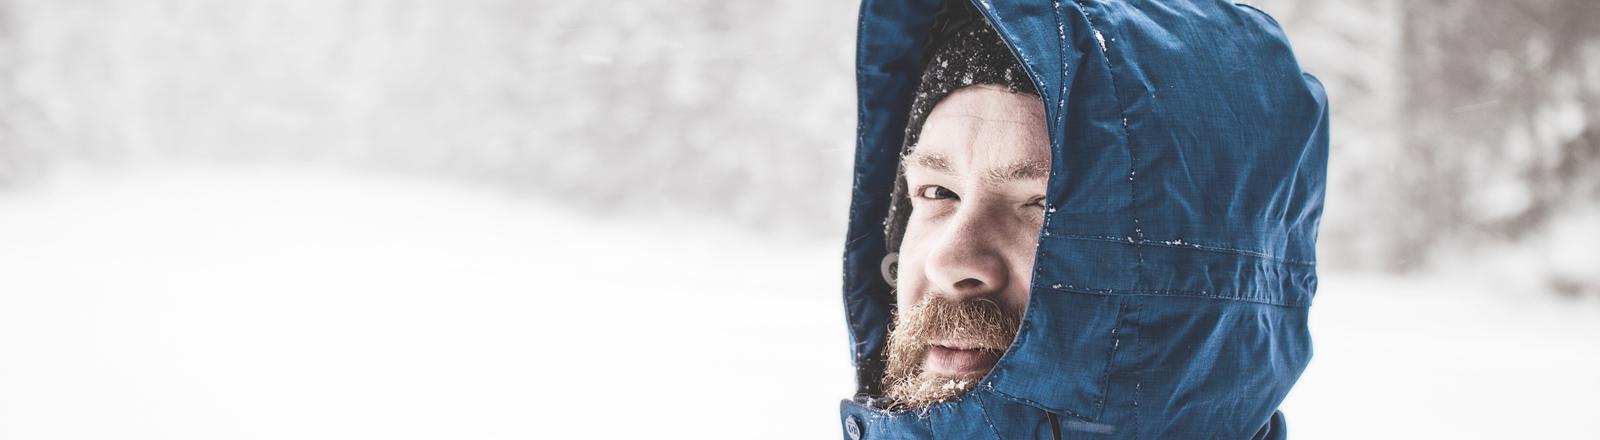 Mann im Winter mit Kapuze auf